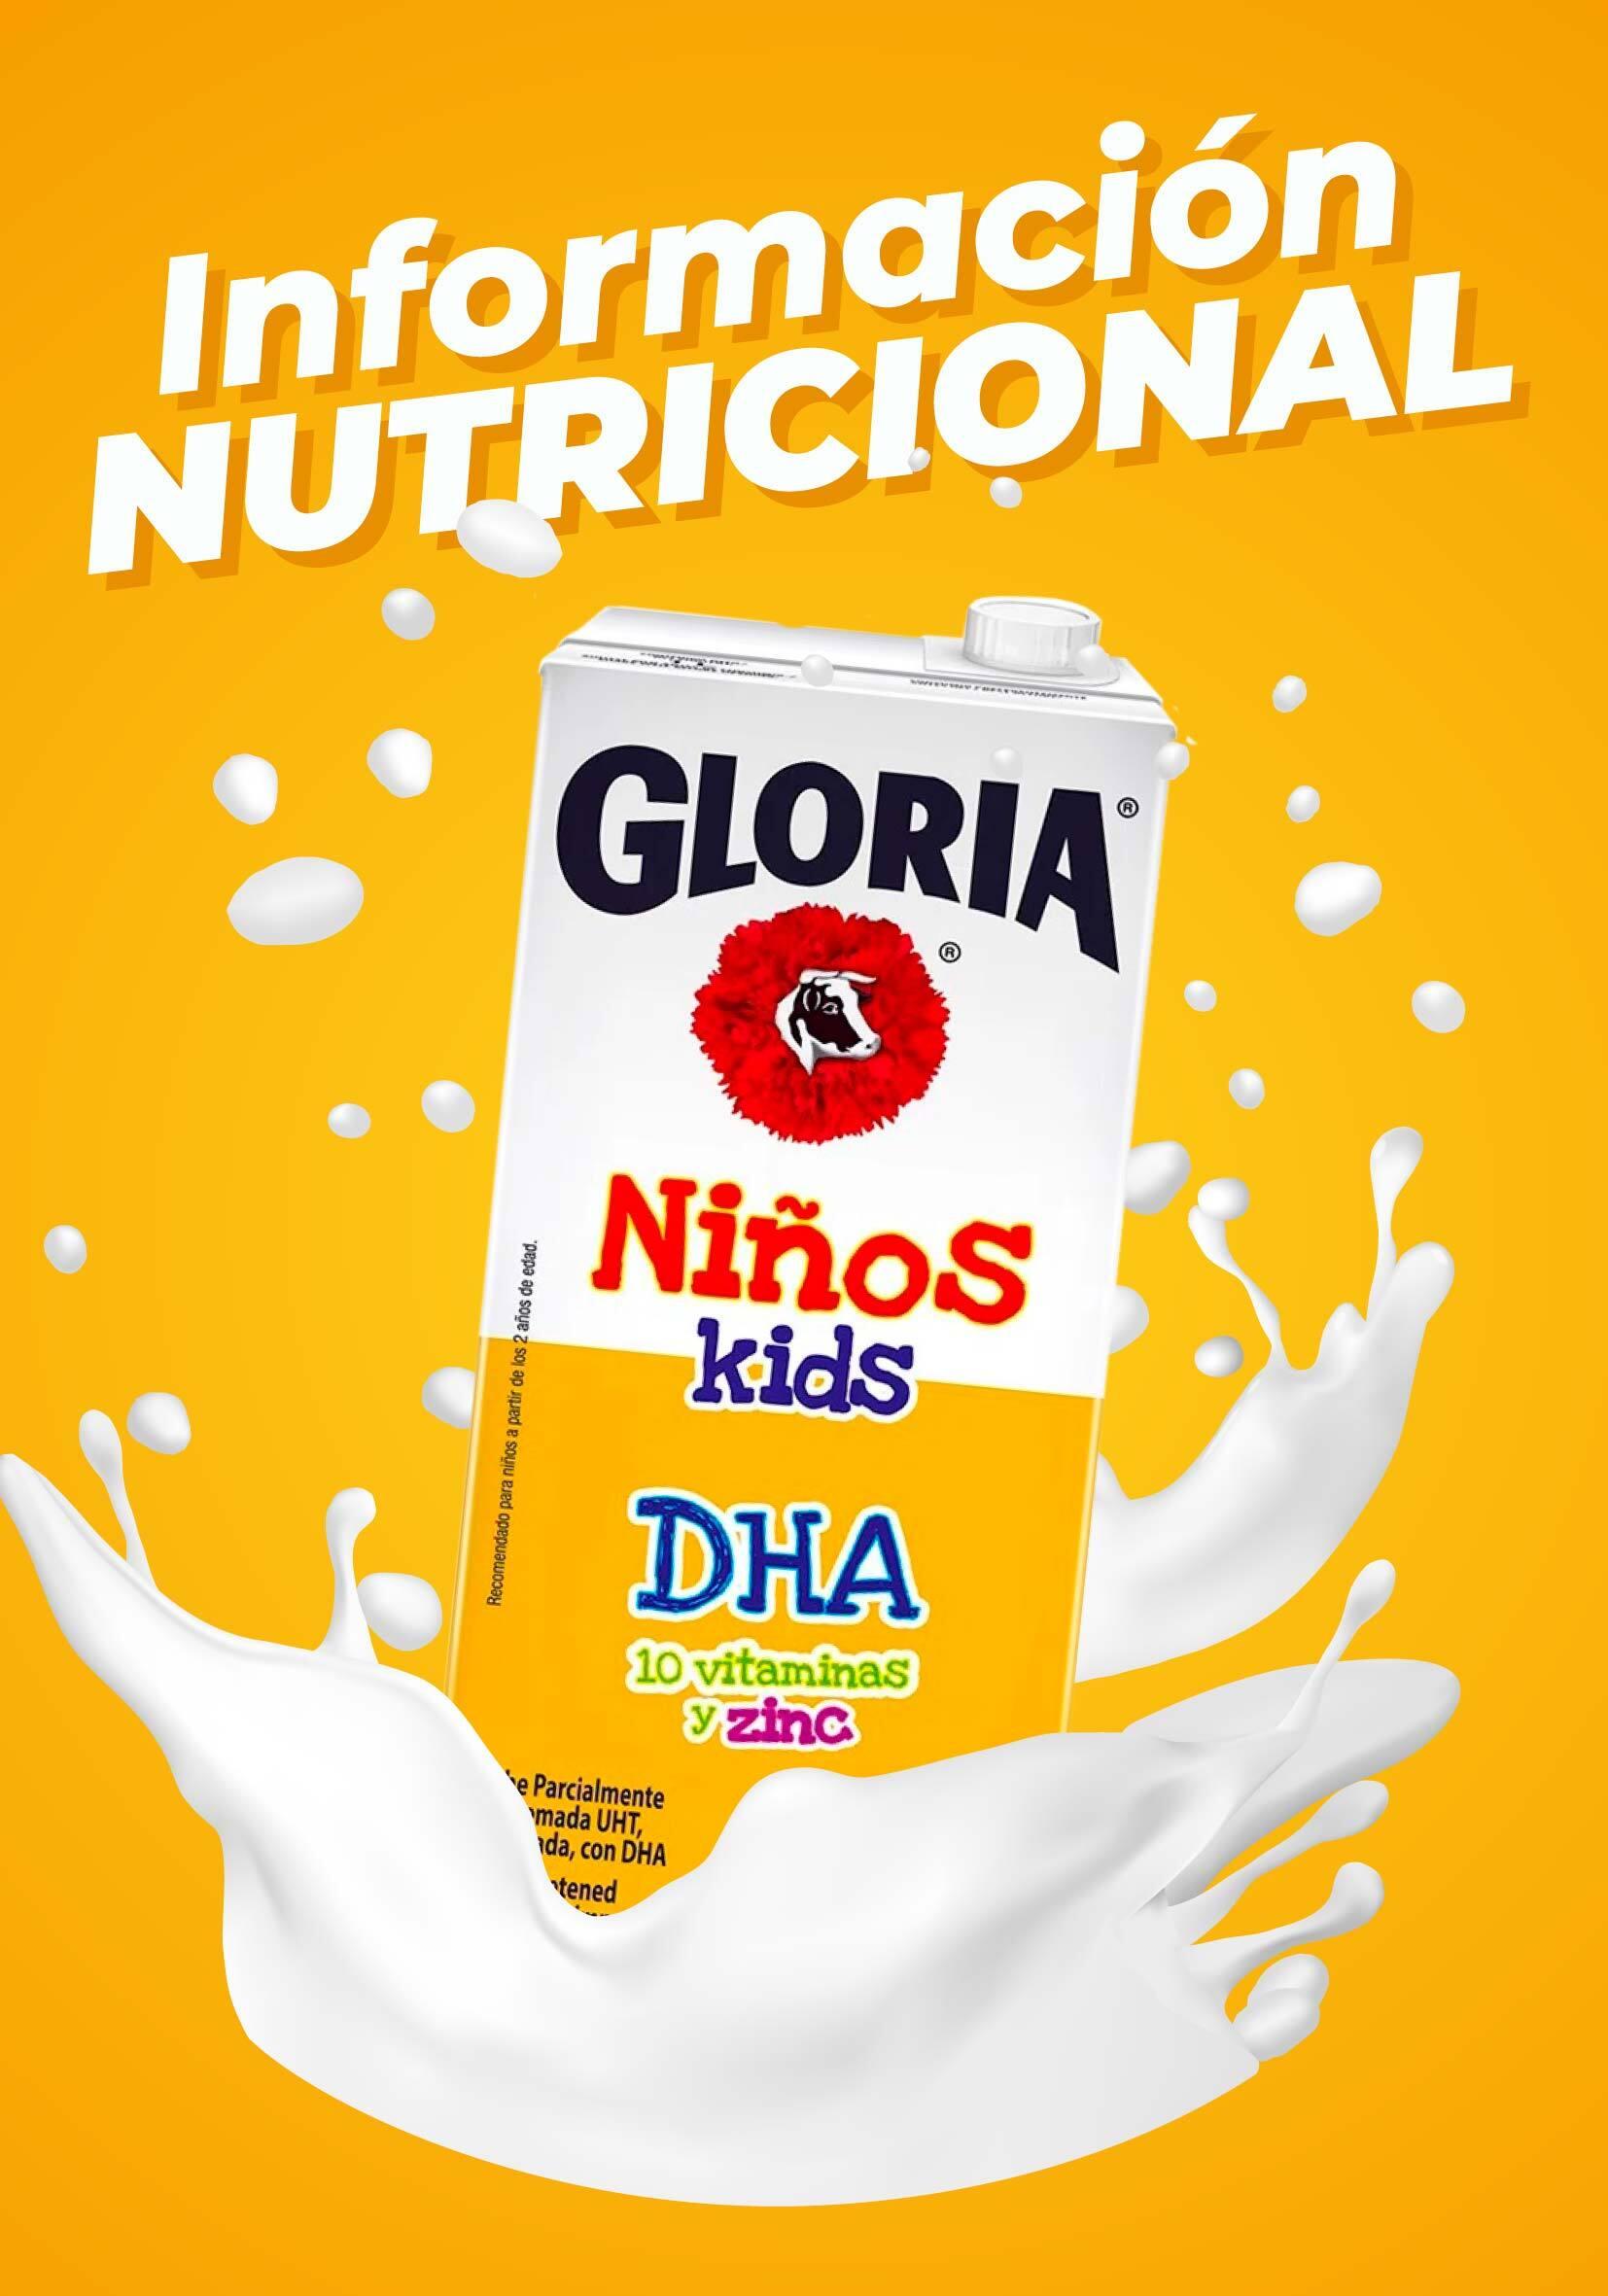 Información Nutricional Gloria Niños con DHA